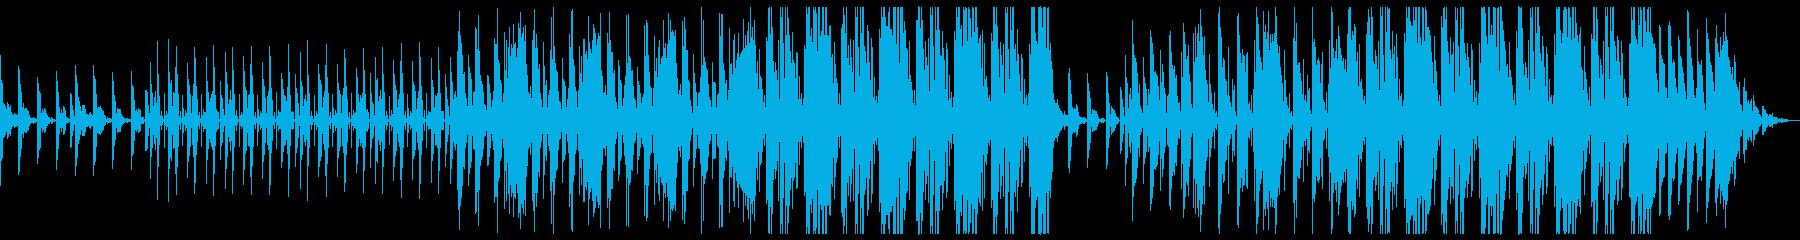 幻想的 切ない トラップビートの再生済みの波形